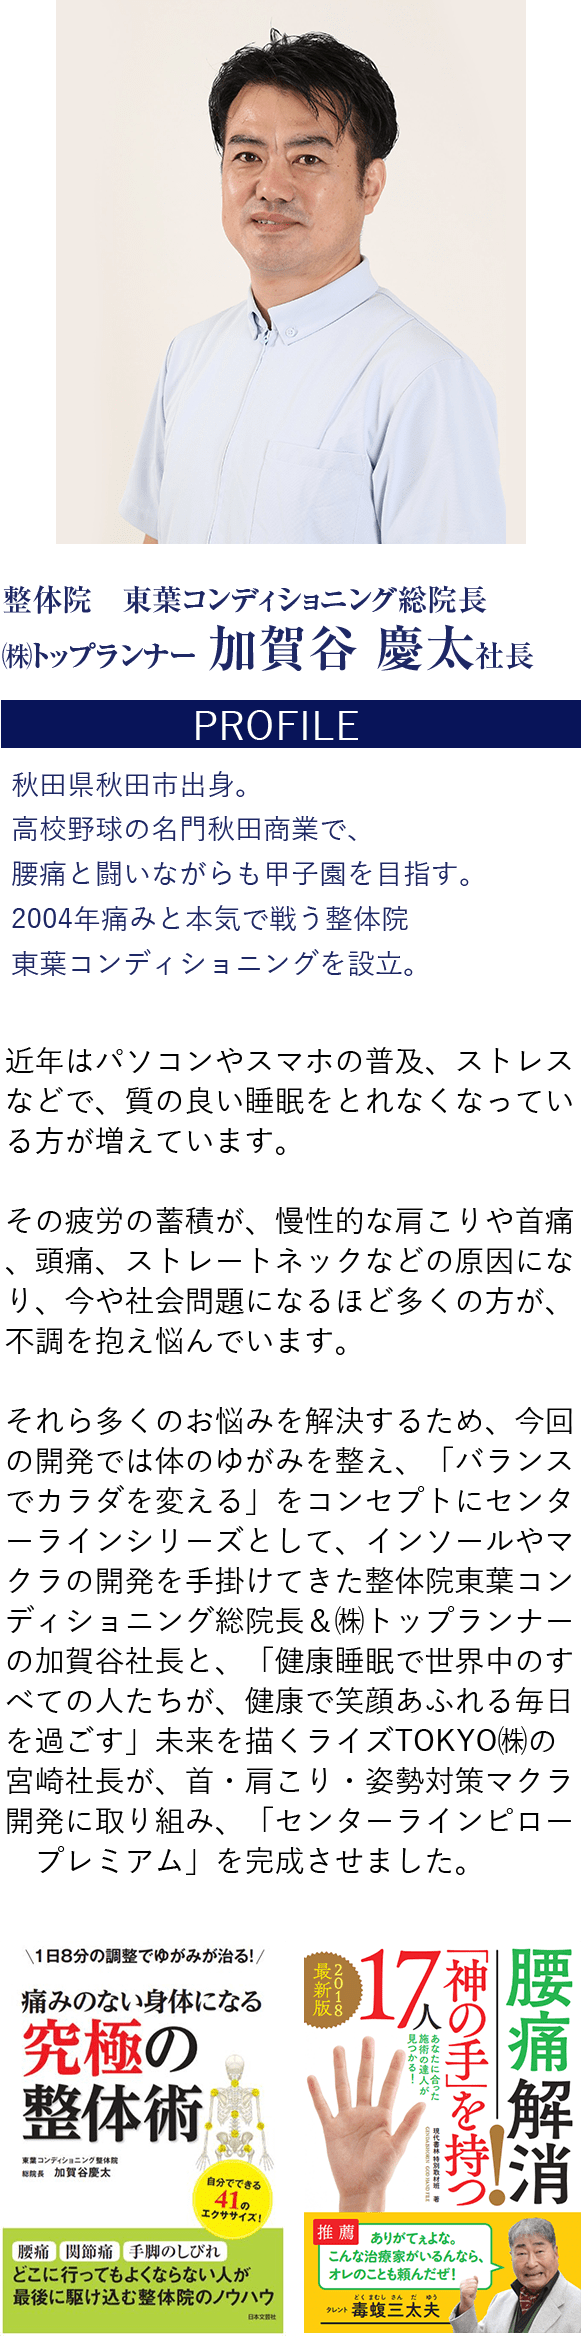 整体院 東葉コンディショニング総院長 (株)トップランナー 加賀谷慶太社長